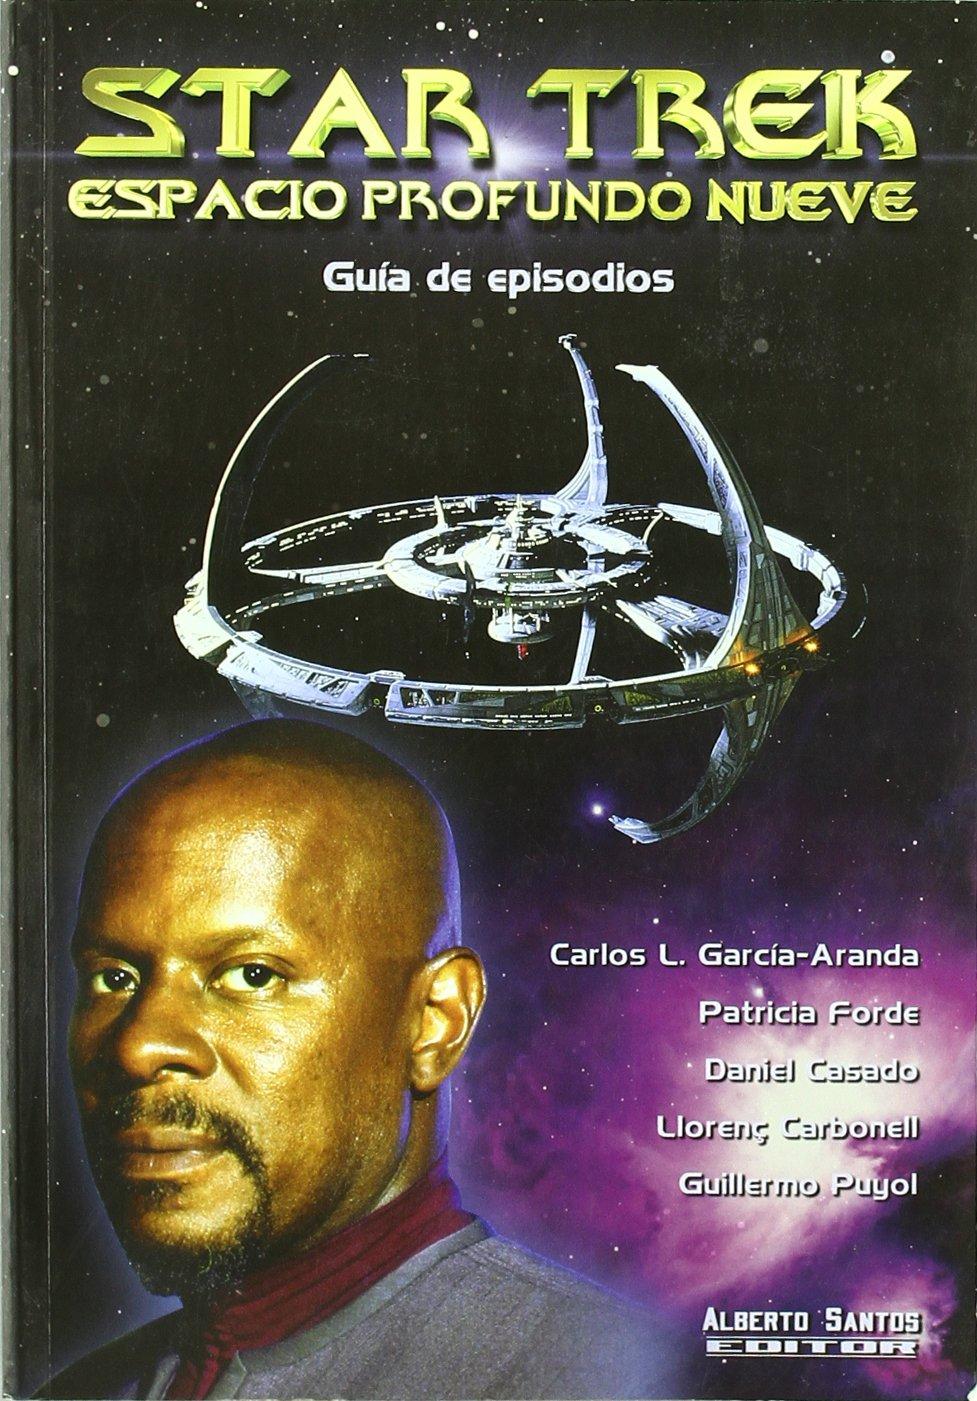 Star Trek: Espacio Profundo Nueve - Guía de episodios